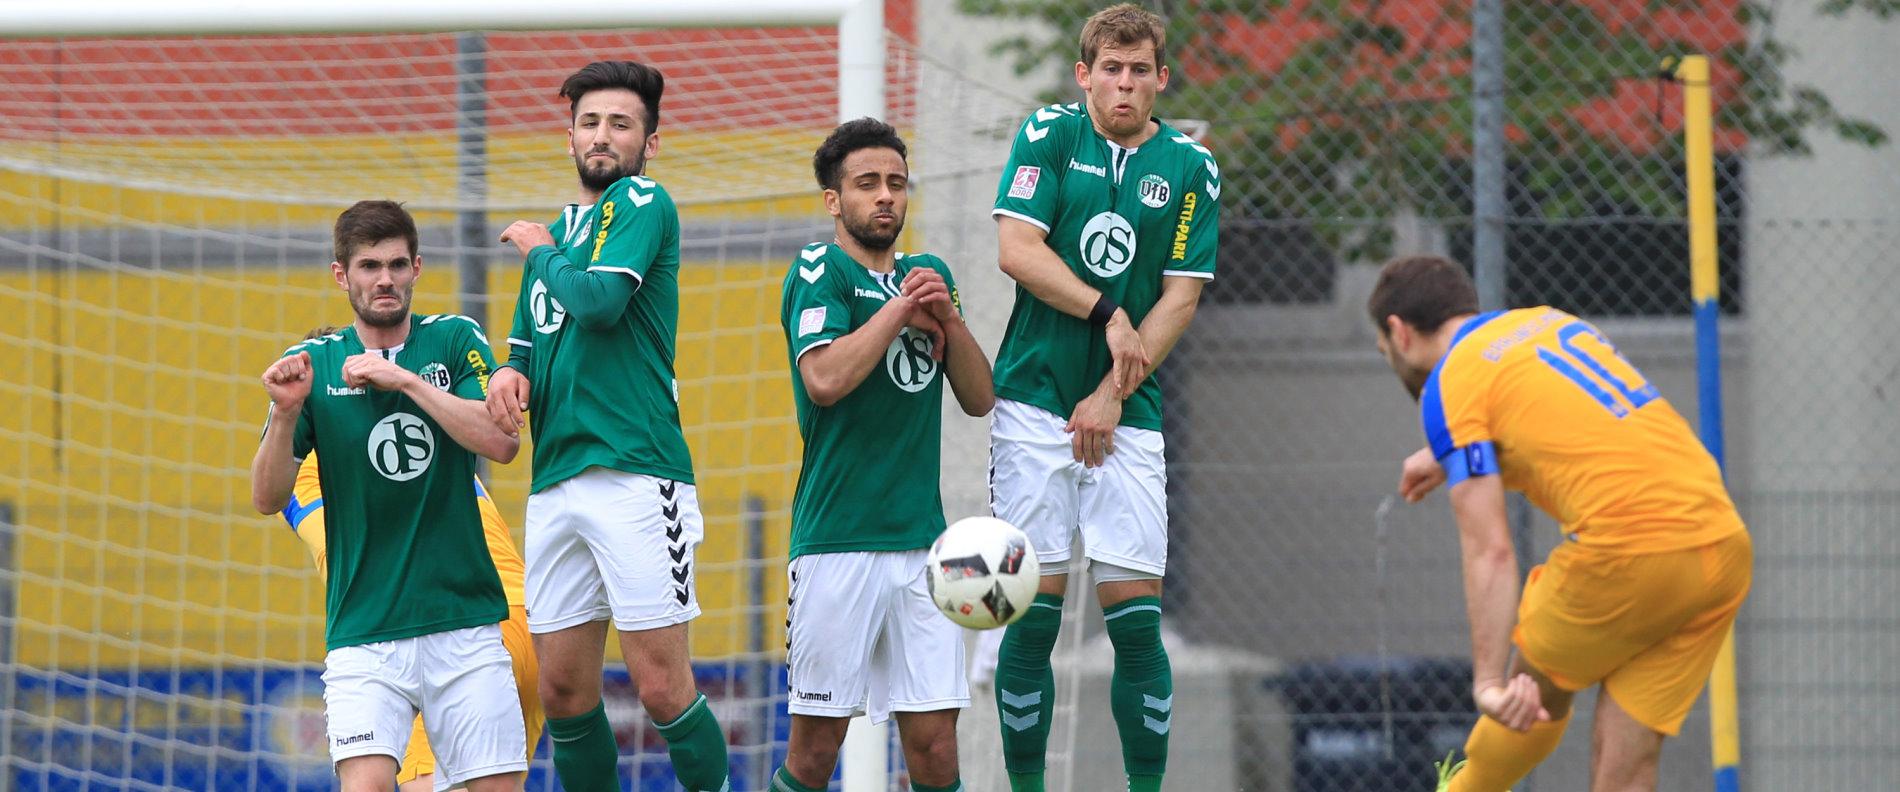 Zweikampf zwischen Morten Rüdiger (Eintracht Braunschweig II) und Junior Ebot-Etchi (VfB Lübeck)